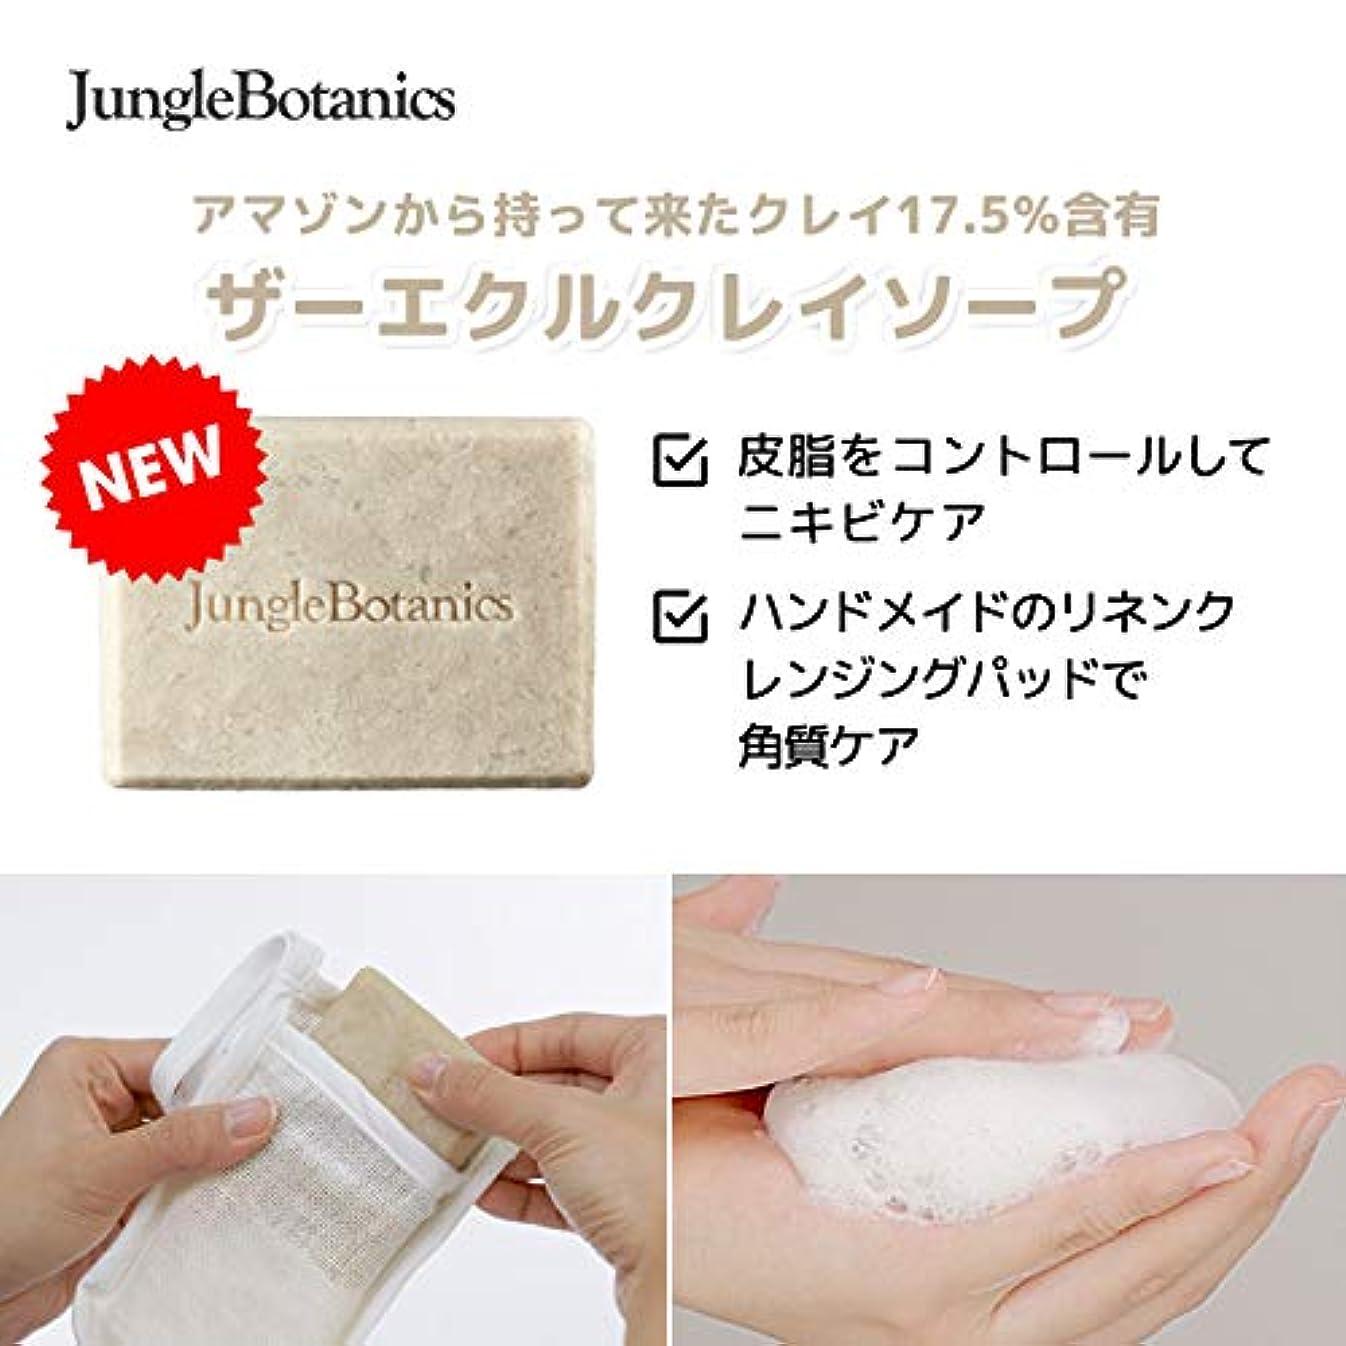 タクシー恩恵発火する[JUNGLE BOTANICS] ザーエクルクレイソープ110g, [JUNGLE BOTANICS] The Ecru Clay Soap 110g [並行輸入品] …